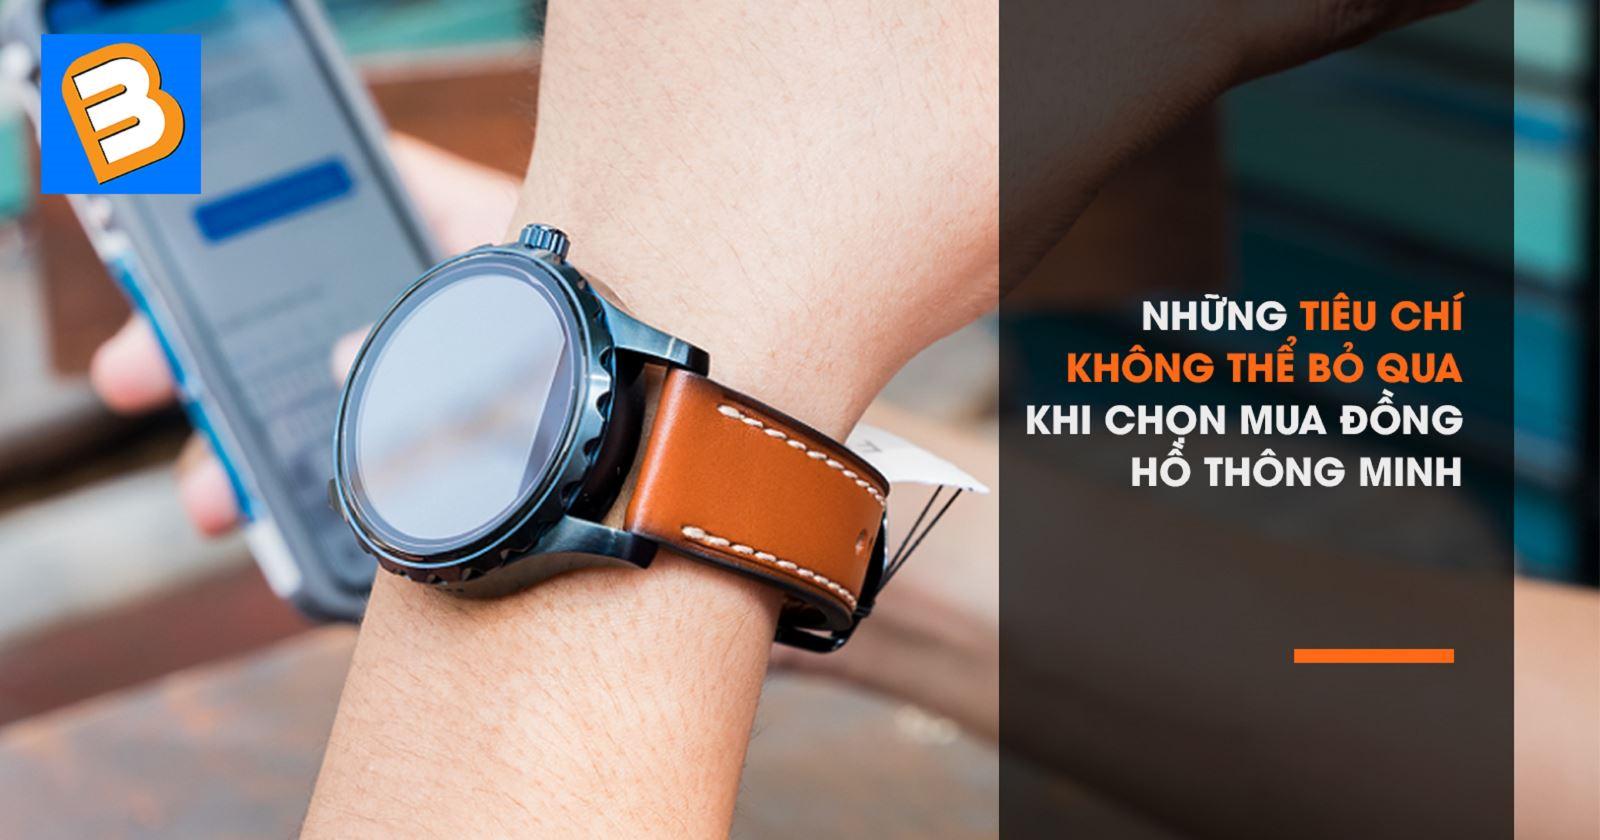 Những tiêu chí không thể bỏ qua khi chọn mua đồng hồ thông minh